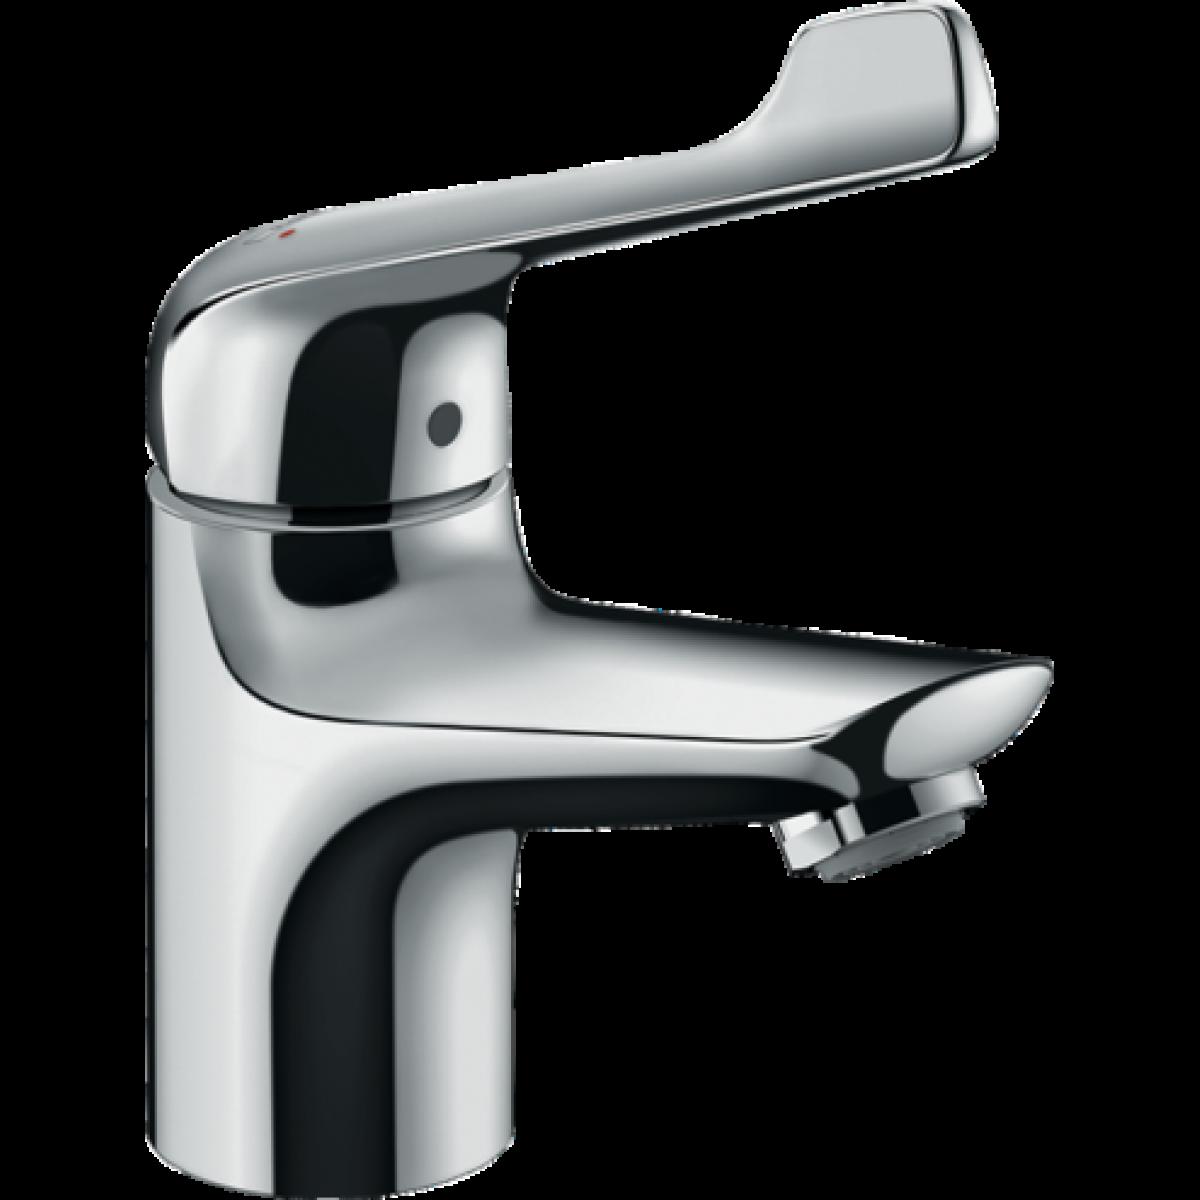 Hansgrohe Hansgrohe - Mitigeur de lavabo Novus 70 Care avec poignée extra longue, avec tirette et vidage finition chromé